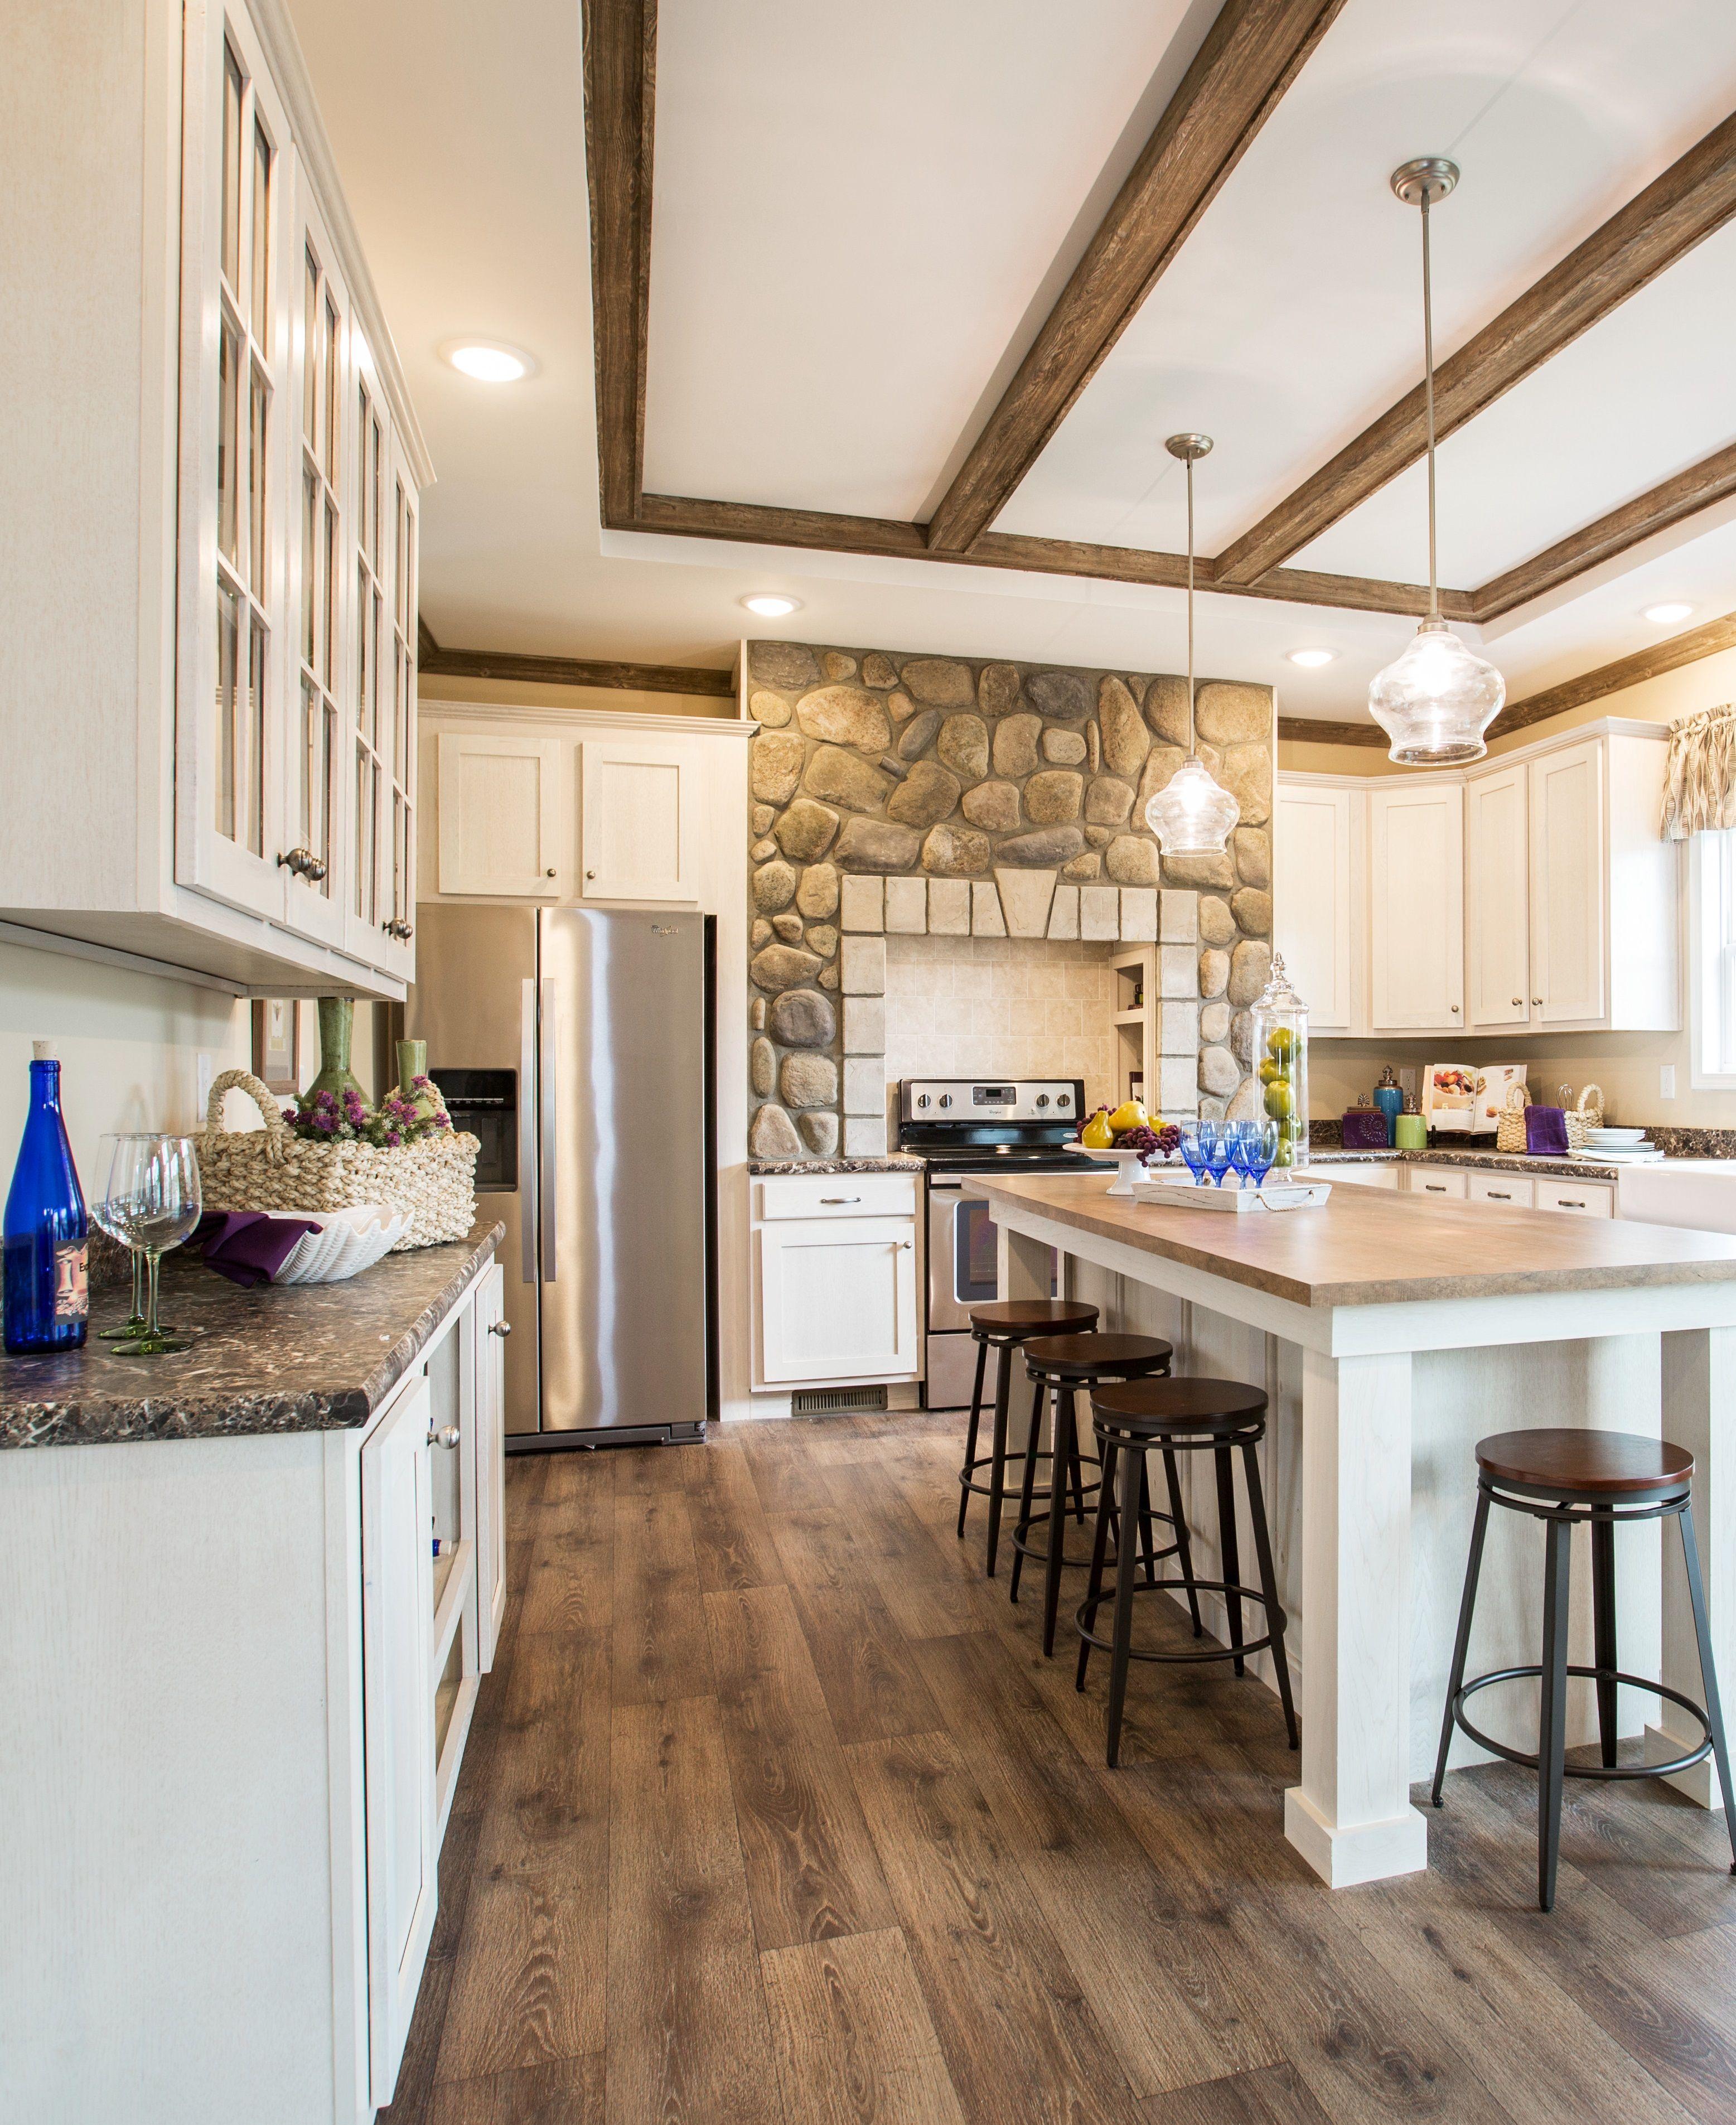 Best 9 Beautiful Modular Kitchen Features Kitchen Design 400 x 300